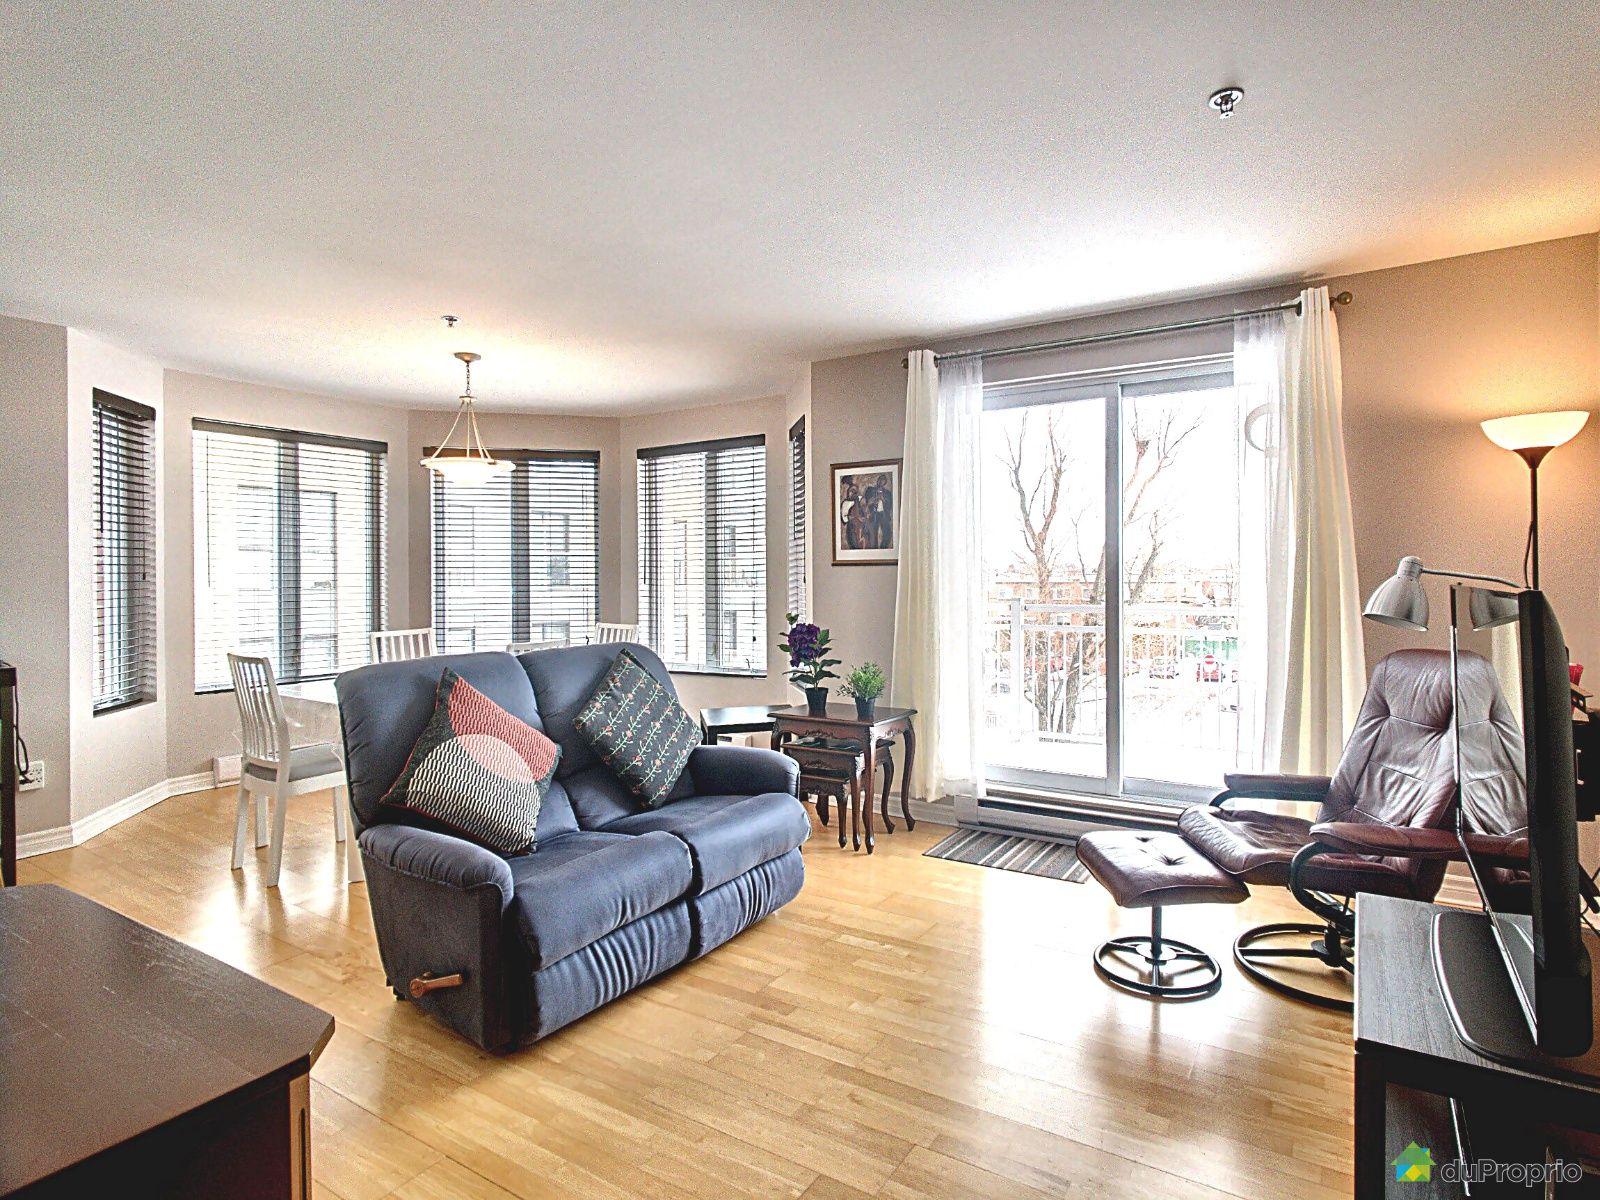 Living Room - 303-730 32e Avenue, Lachine for sale